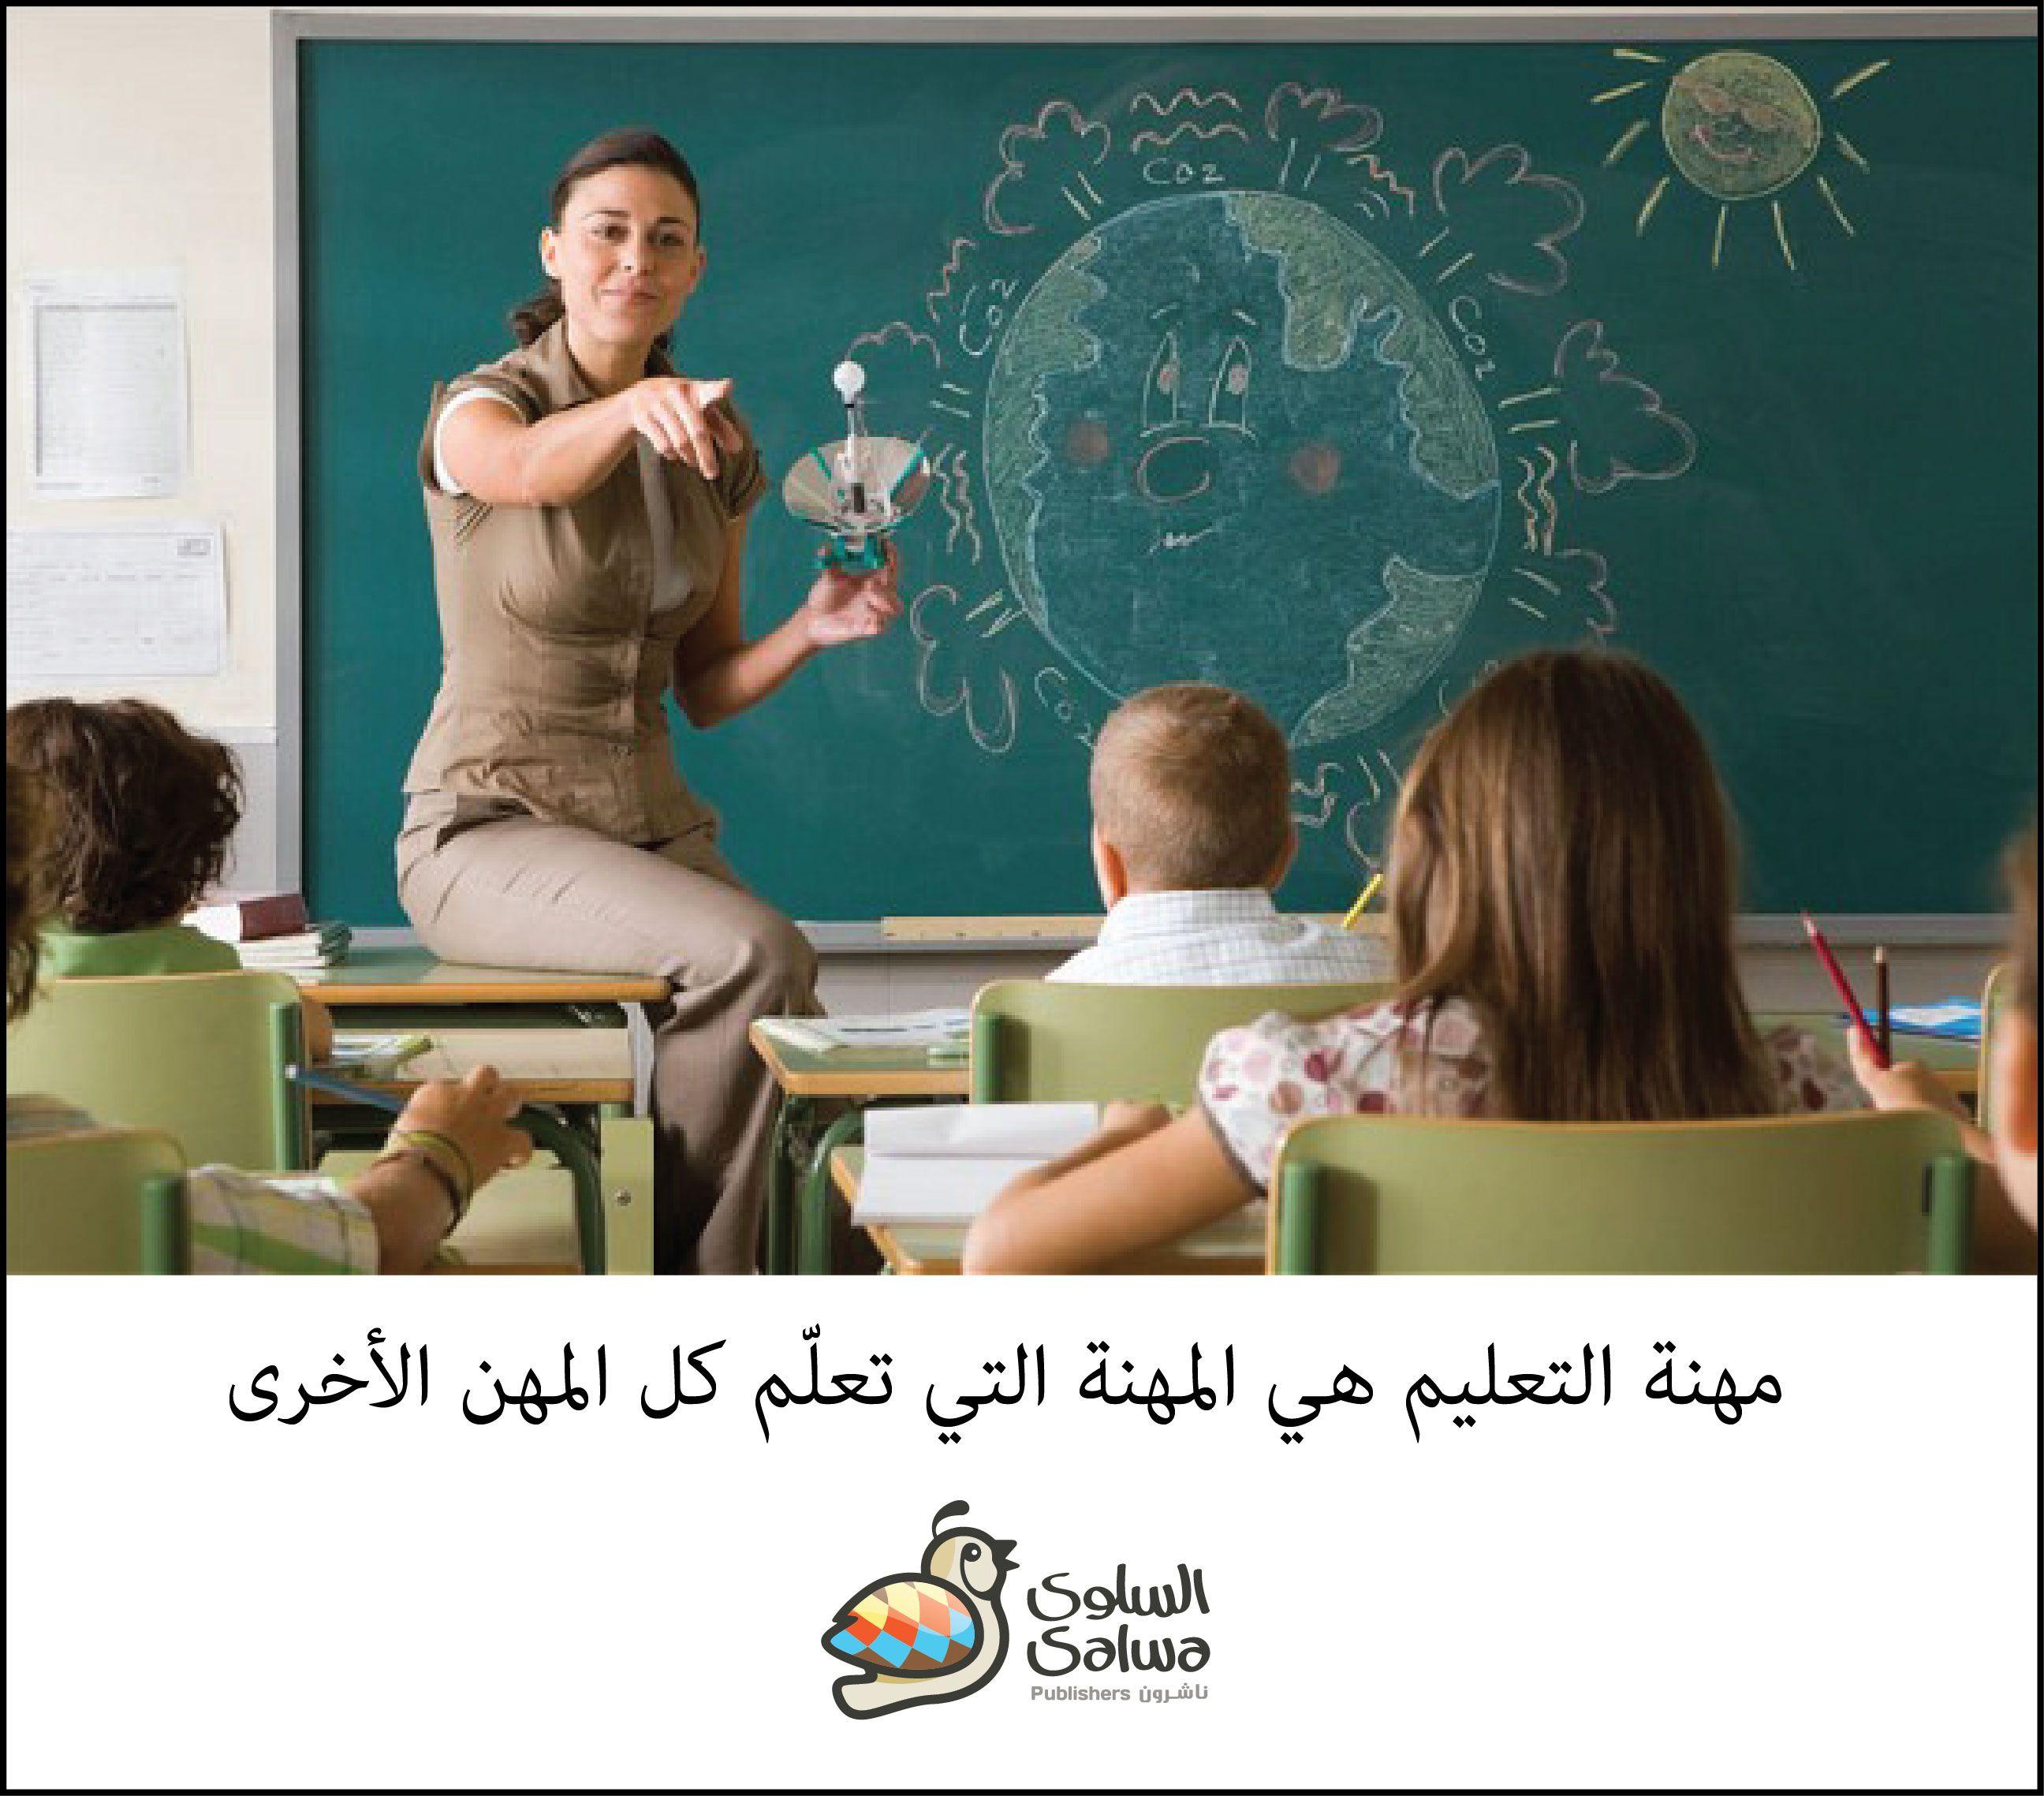 بمناسبة يوم المعلم العالمي مهنة التعليم هي المهنة التي تعل م كل المهن الأخرى Happy Teacher S Day To All Teacher Cartoon Teacher Appreciation Fox Art